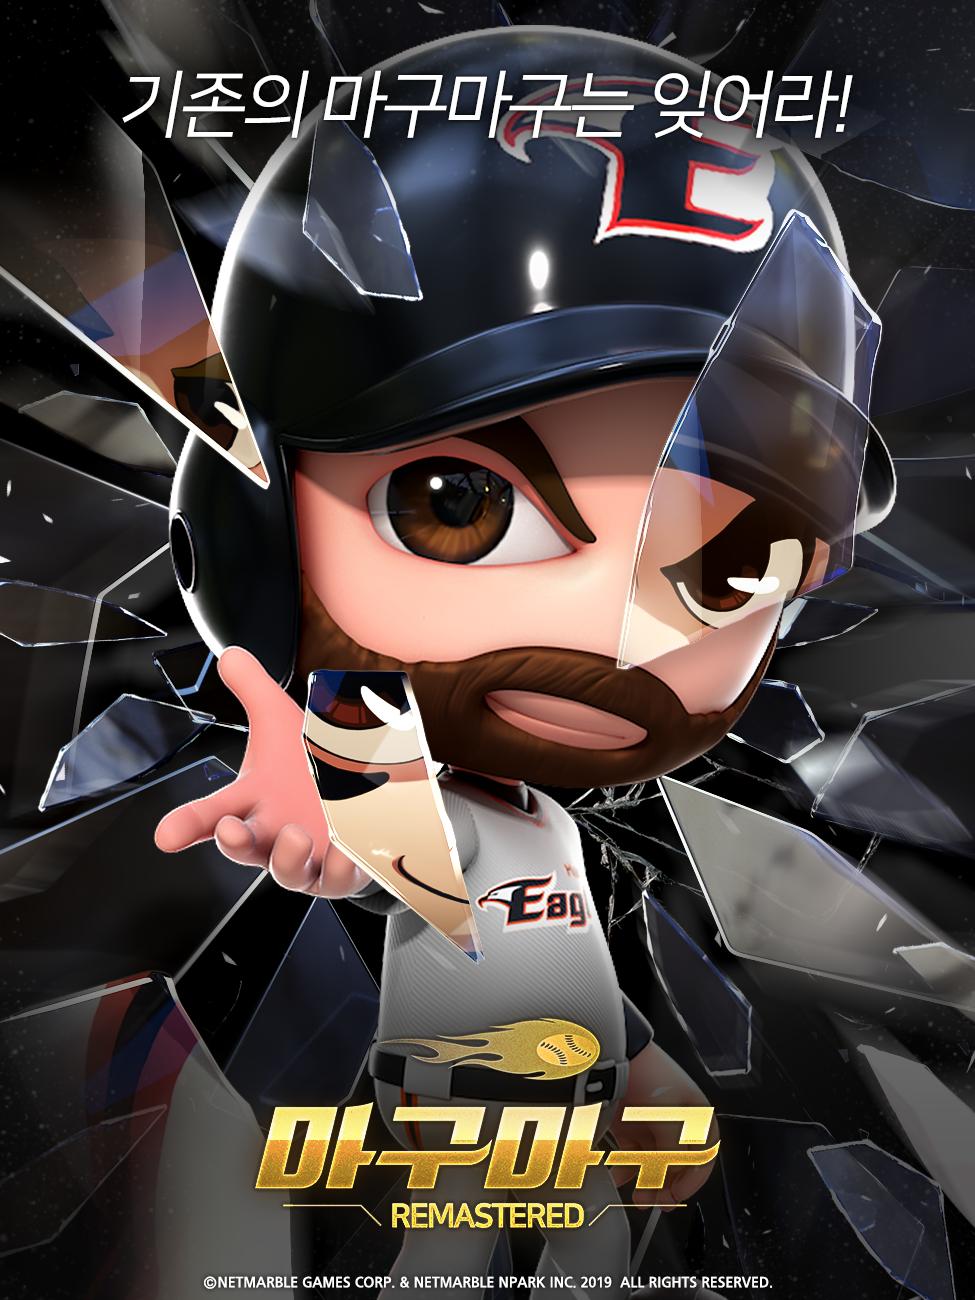 《ma9ma9(마구마구)》韩服预注册开启 游戏画面相关介绍